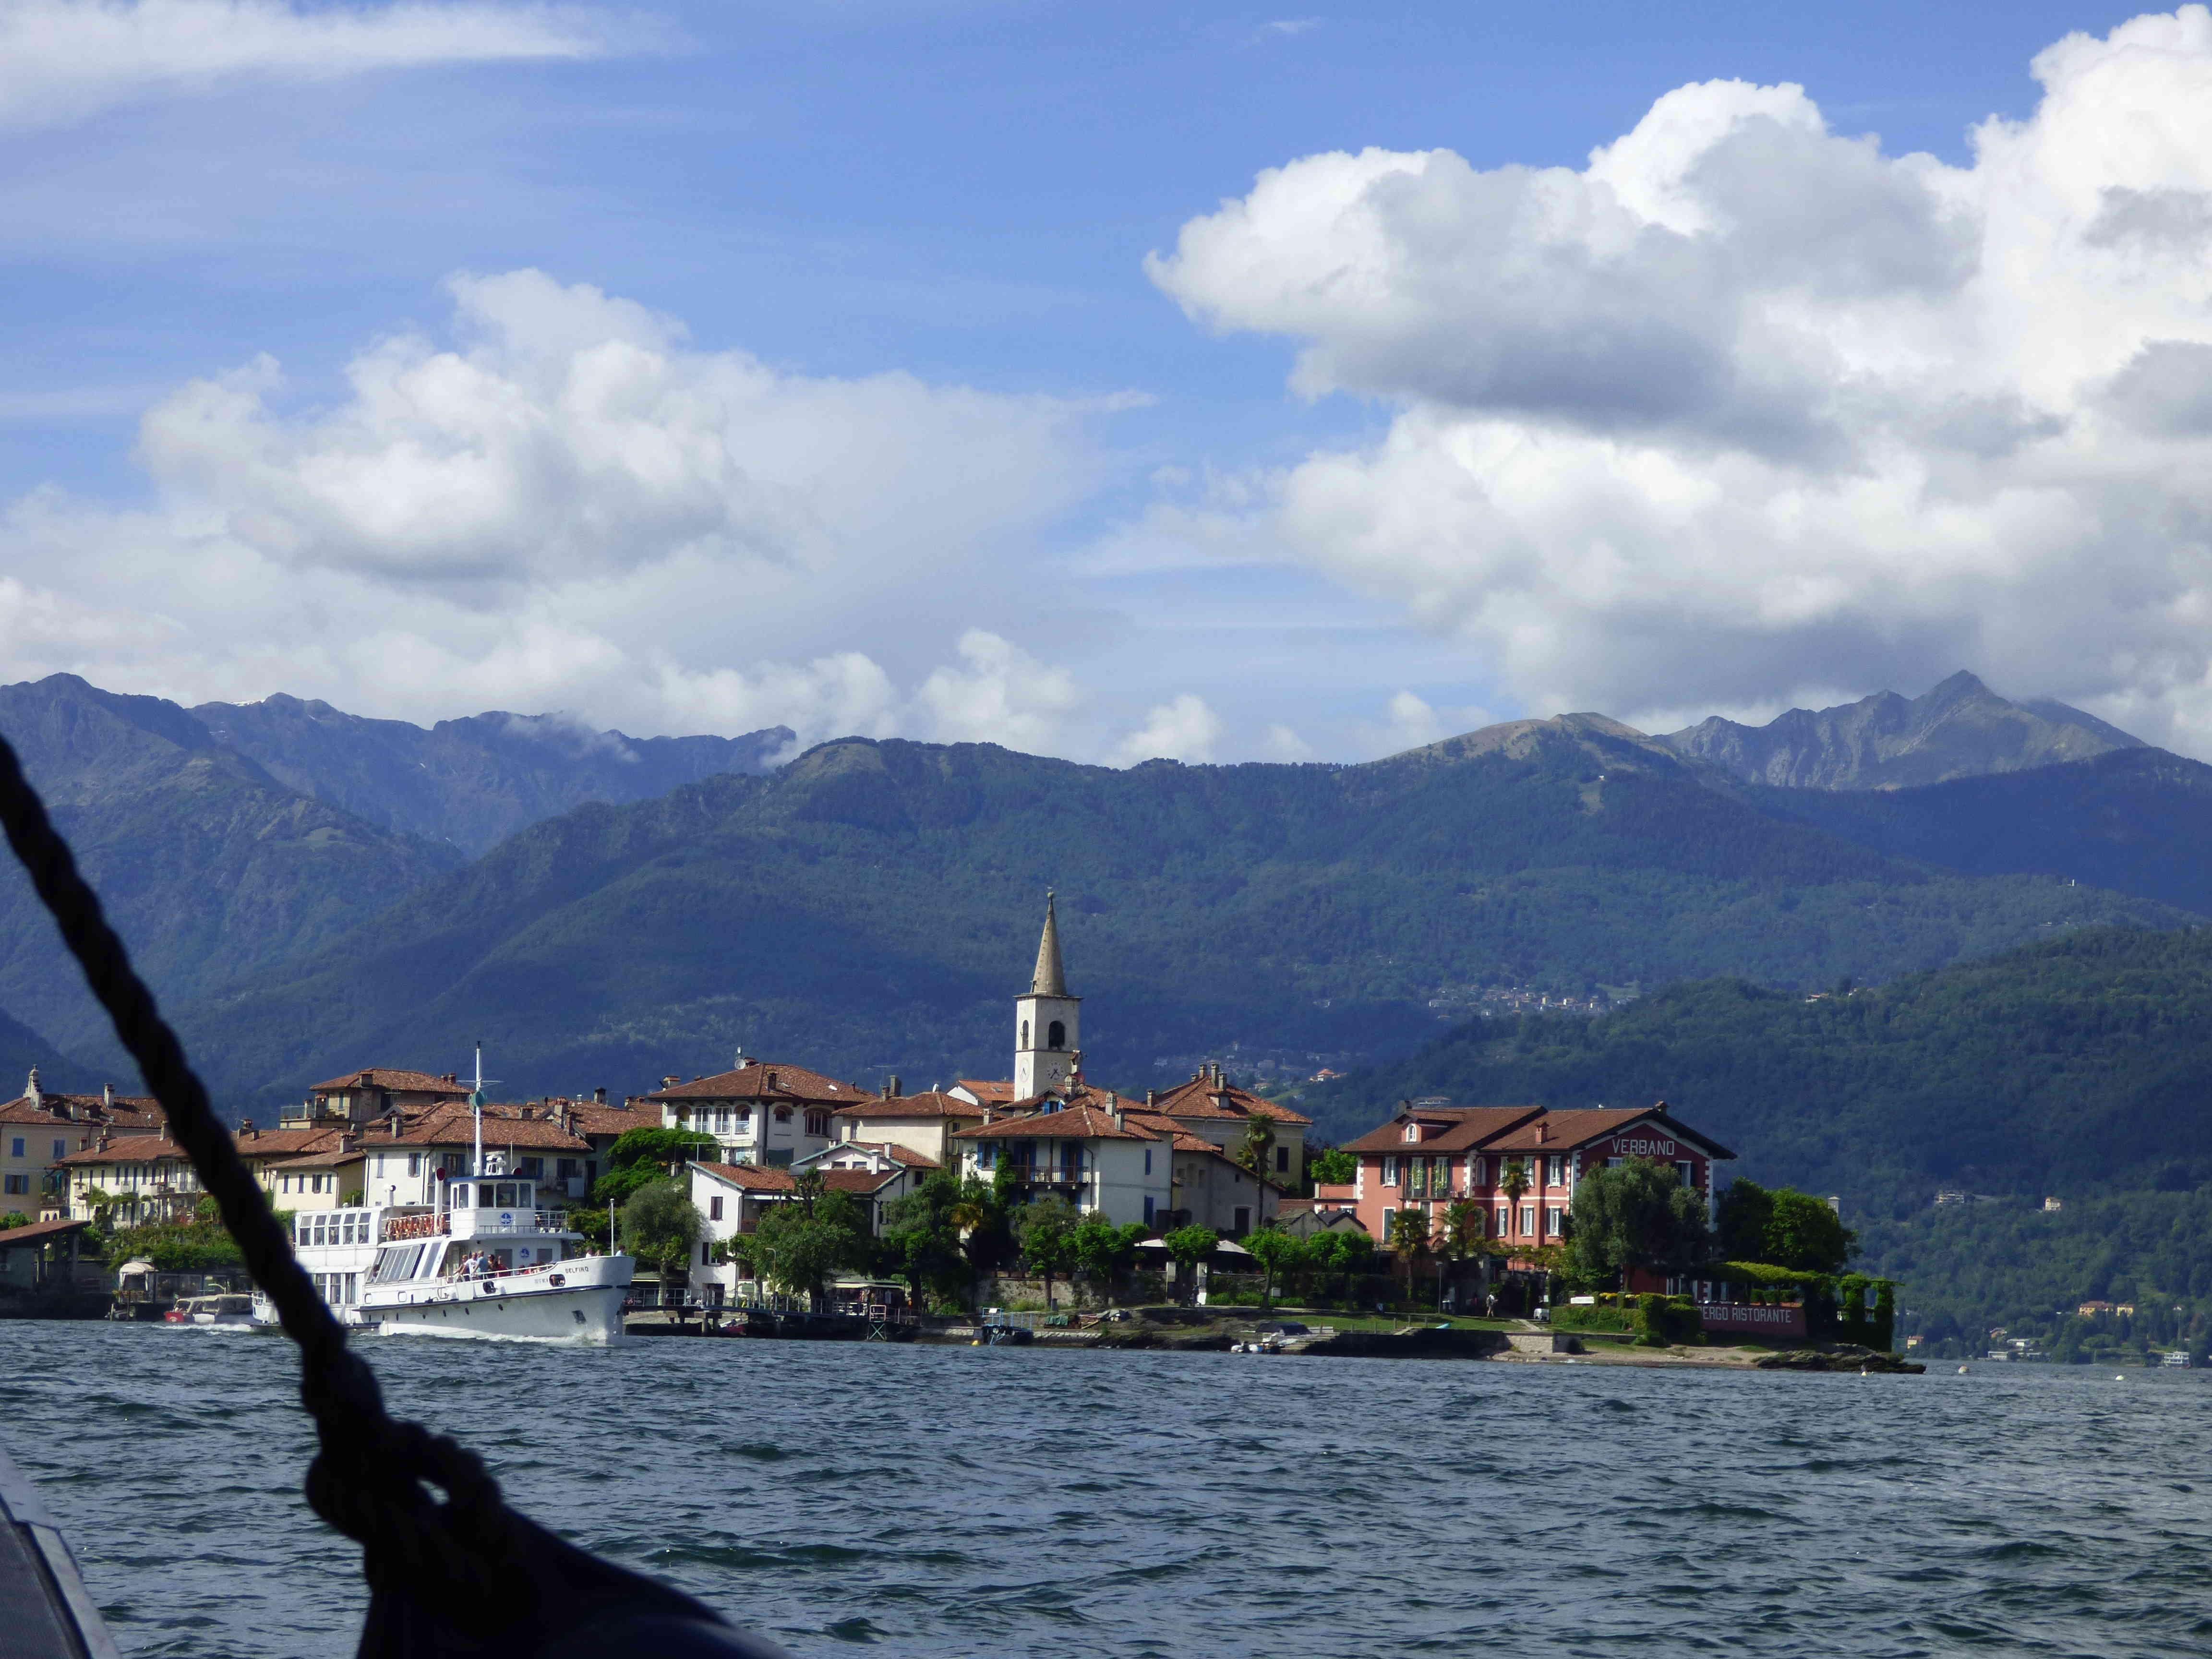 Au retour de vacances dans la région des lacs Italiens P1030118